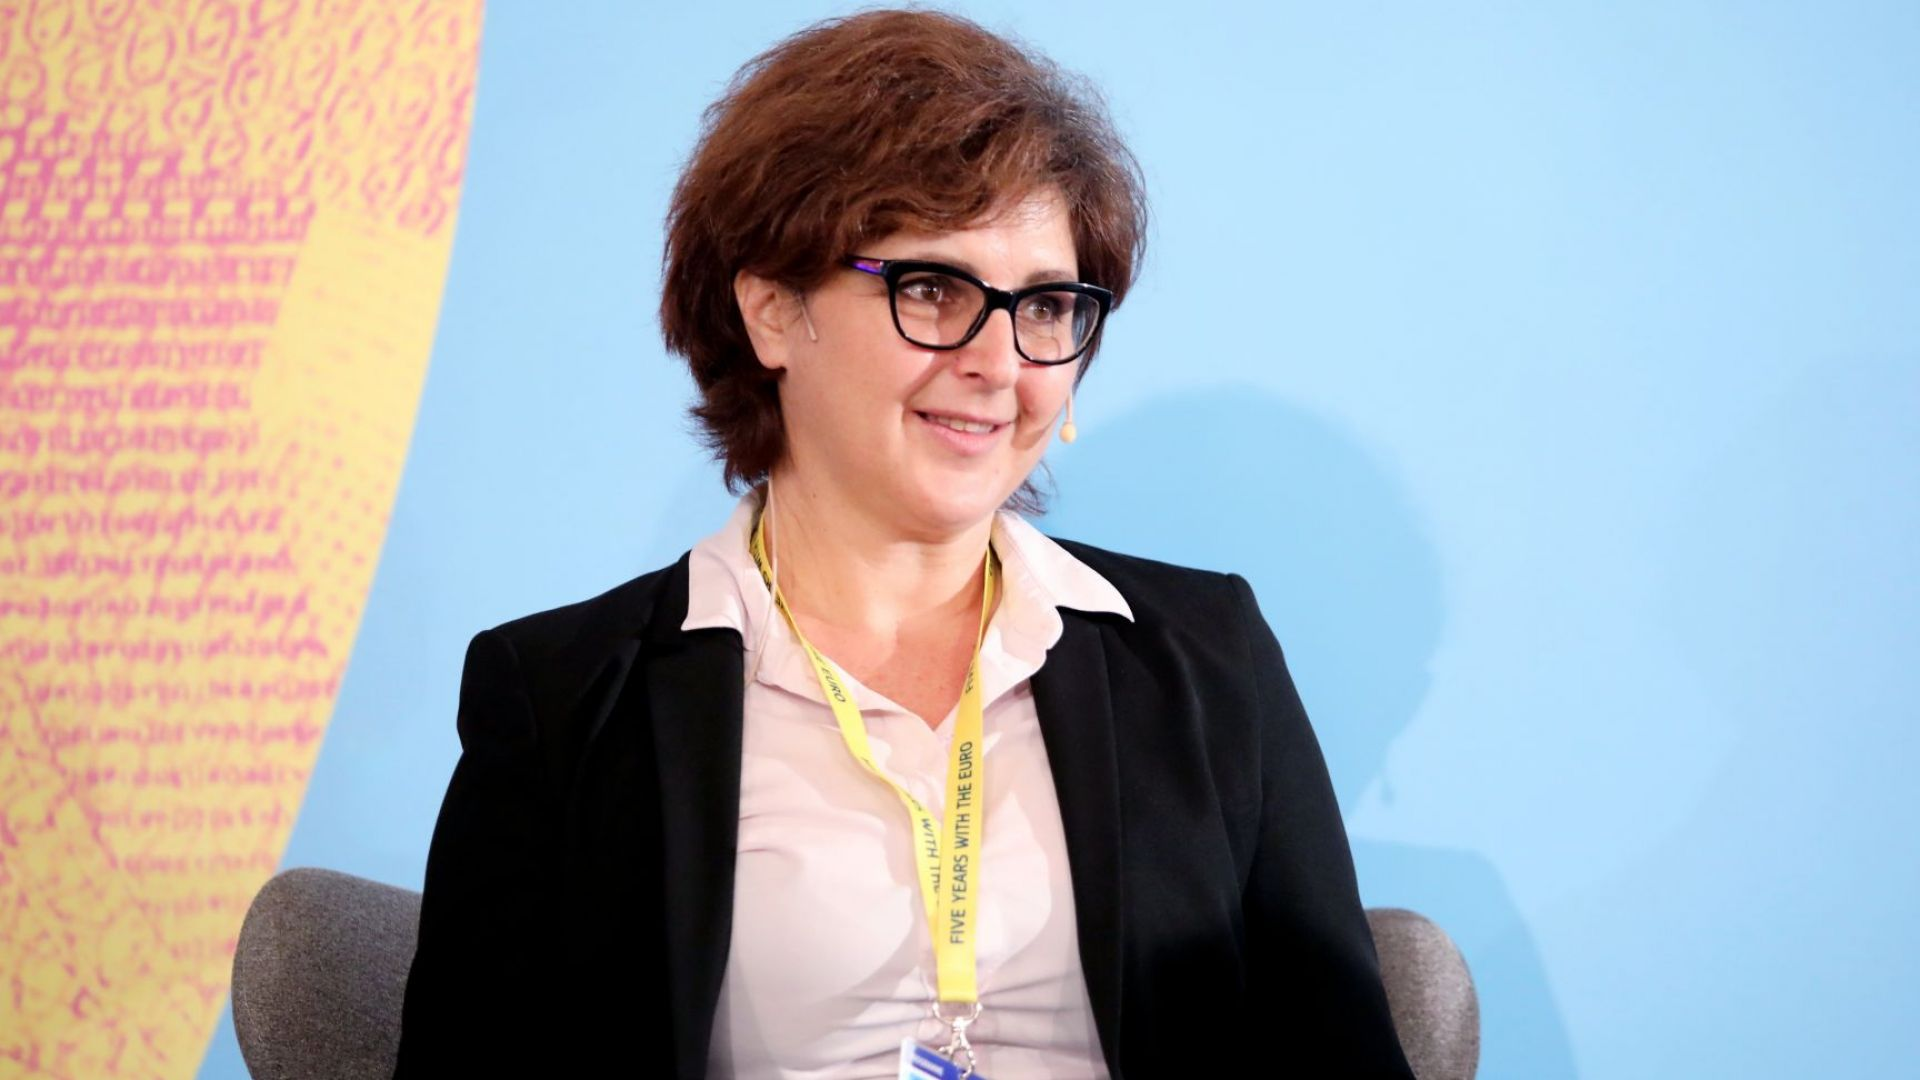 Маринела Петрова е новият председател на УС на Банката за развитие на Съвета на Европа